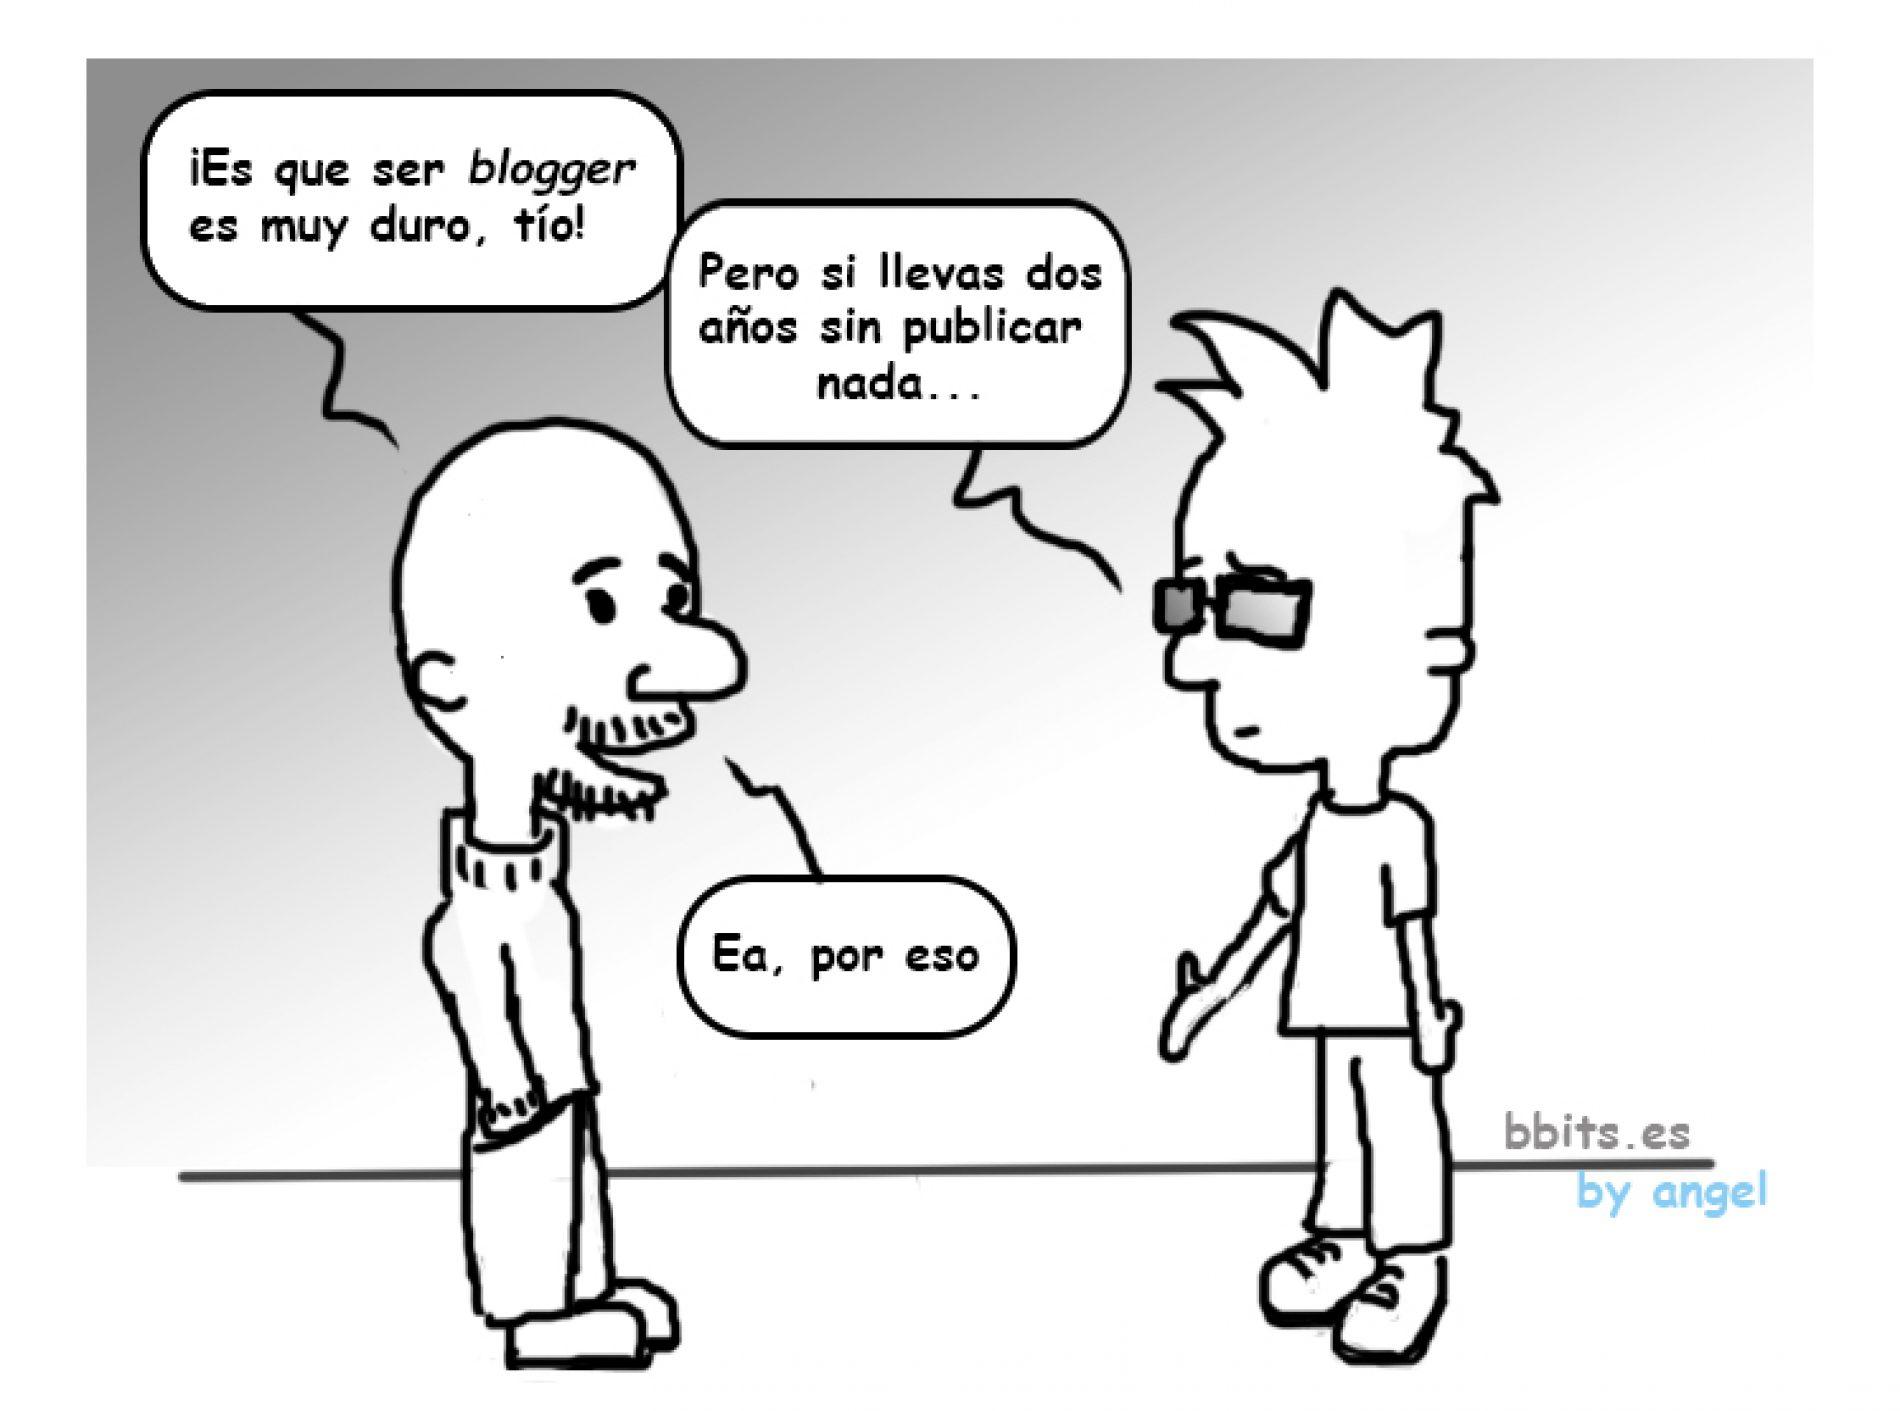 ¿Dónde demonios se han metido todos los blogueros?